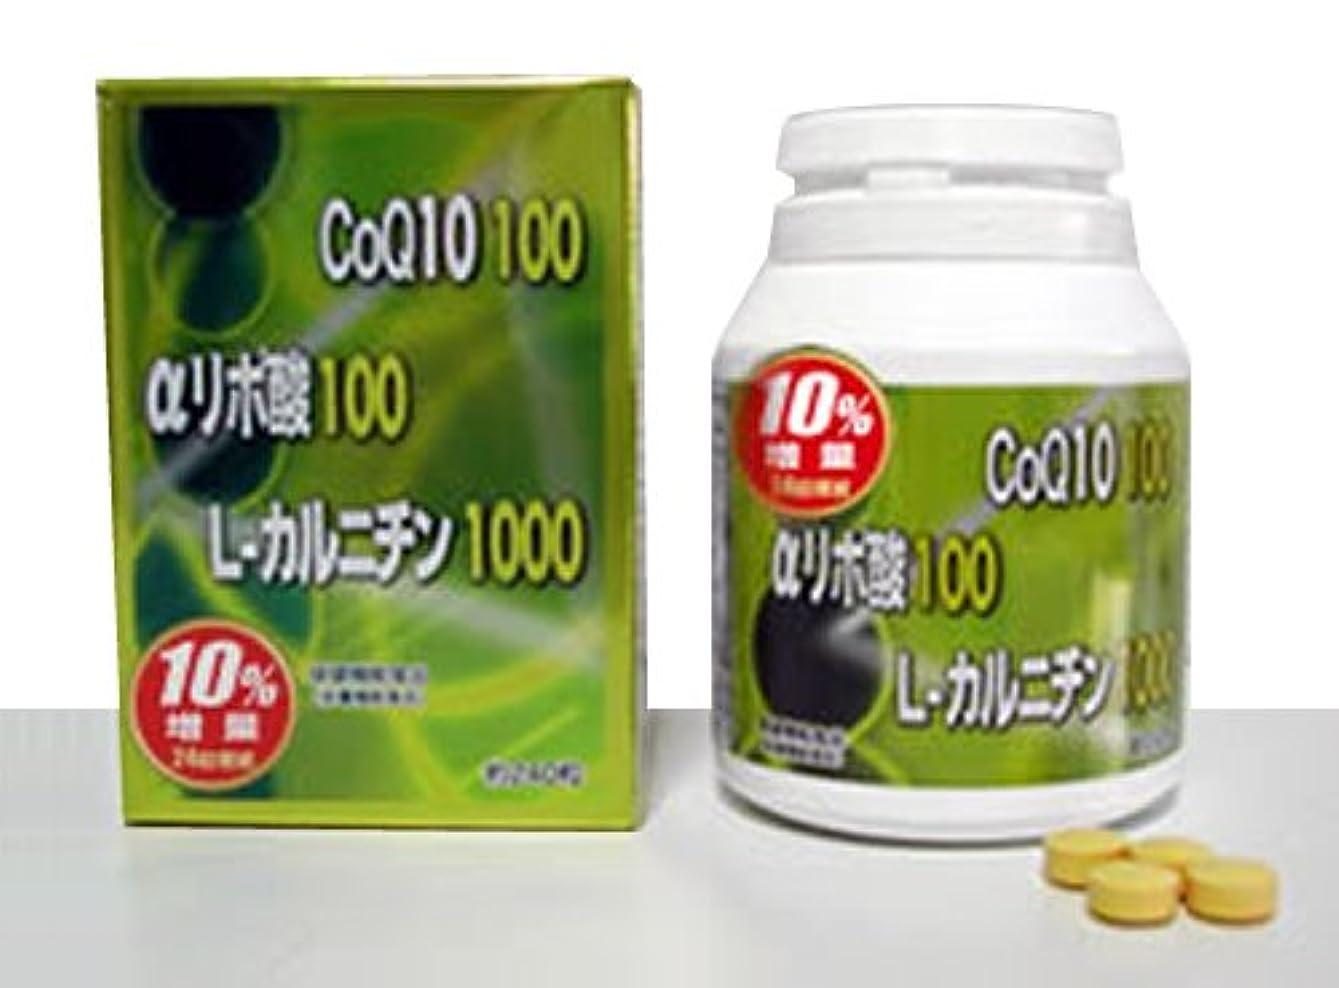 ポンペイドラッグ精巧な10%増量 CoQ10 100?αリポ酸 100?L-カルニチン 1000